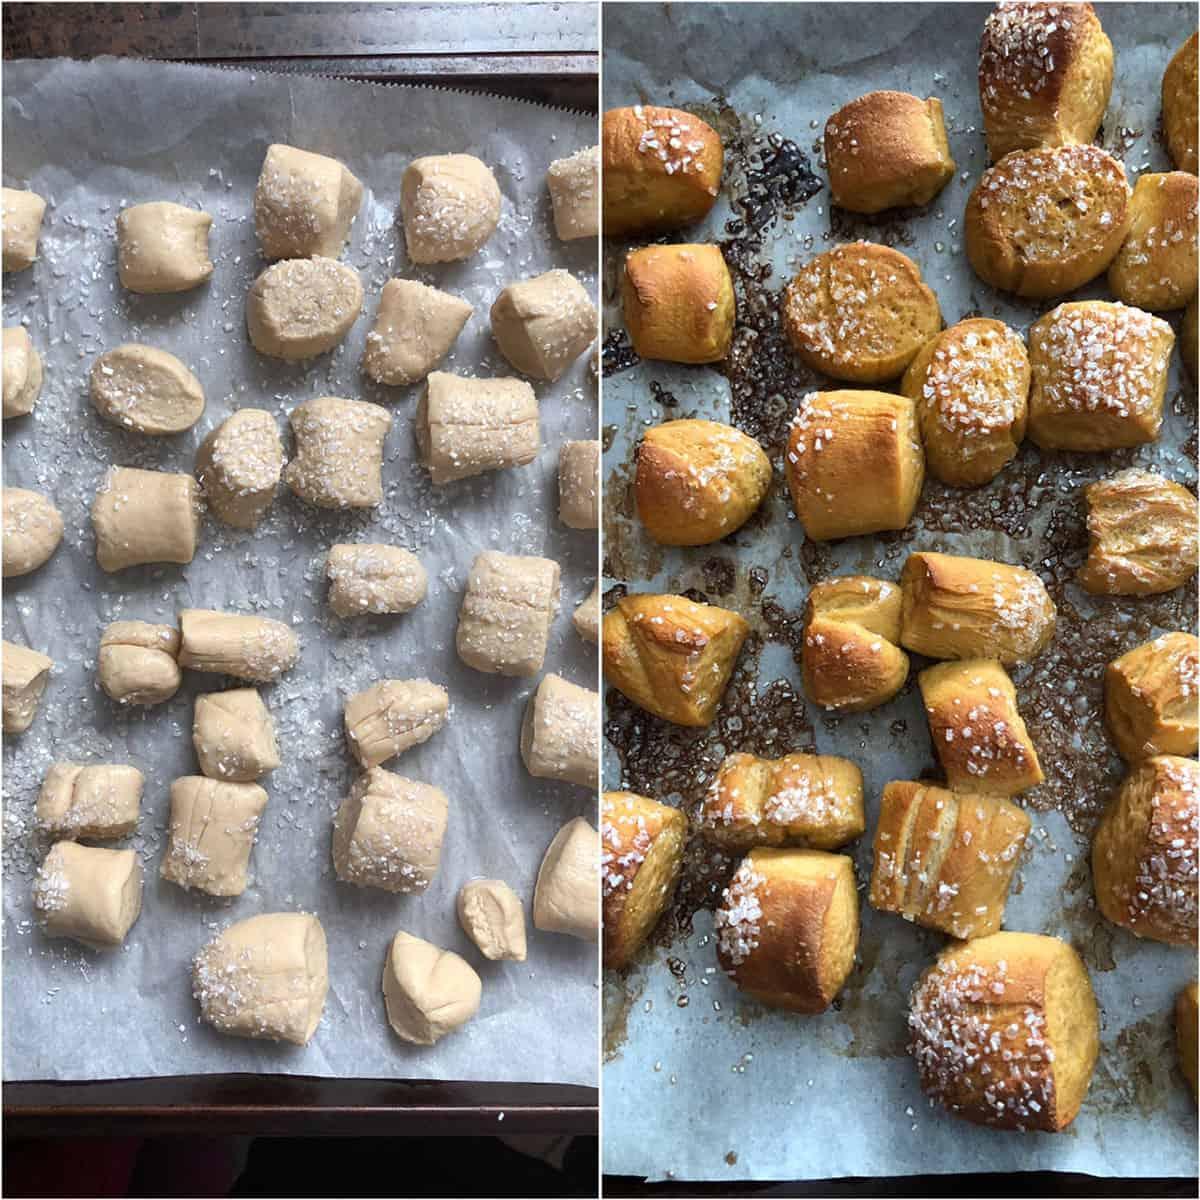 Pretzel bites sprinkled with sparking sugar and baked until golden brown